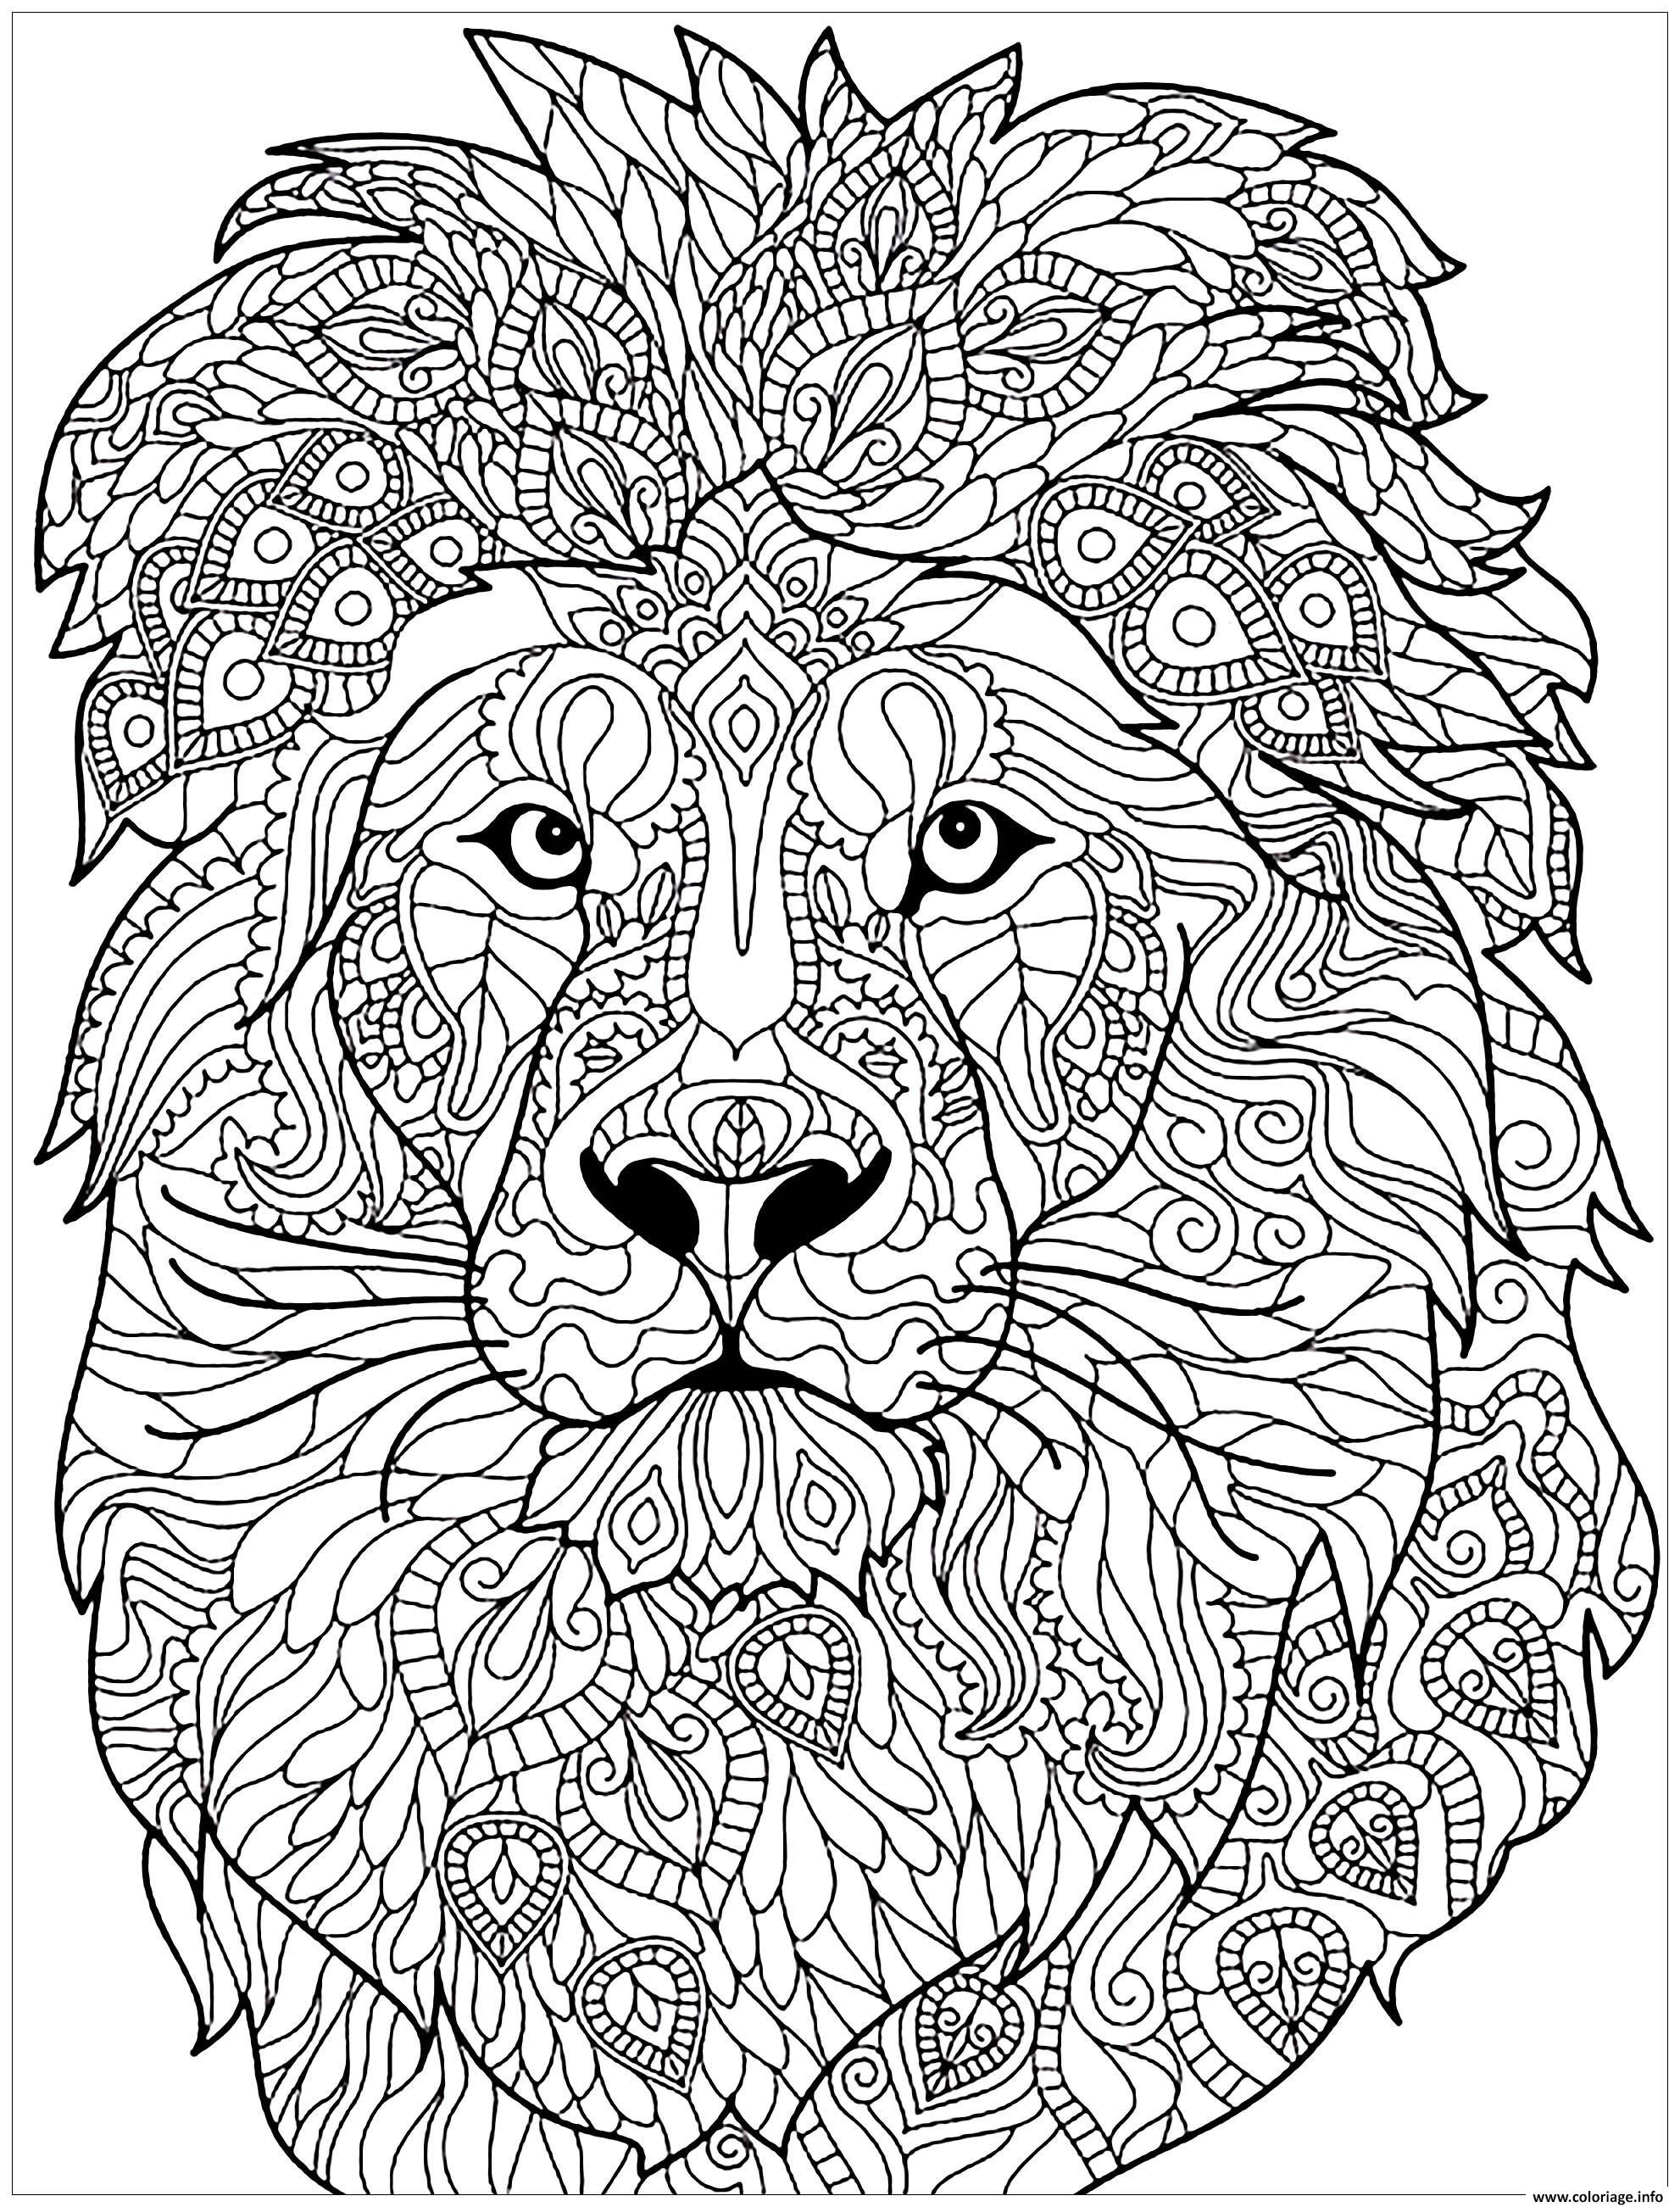 Dessin adulte lion motifs complexes Coloriage Gratuit à Imprimer